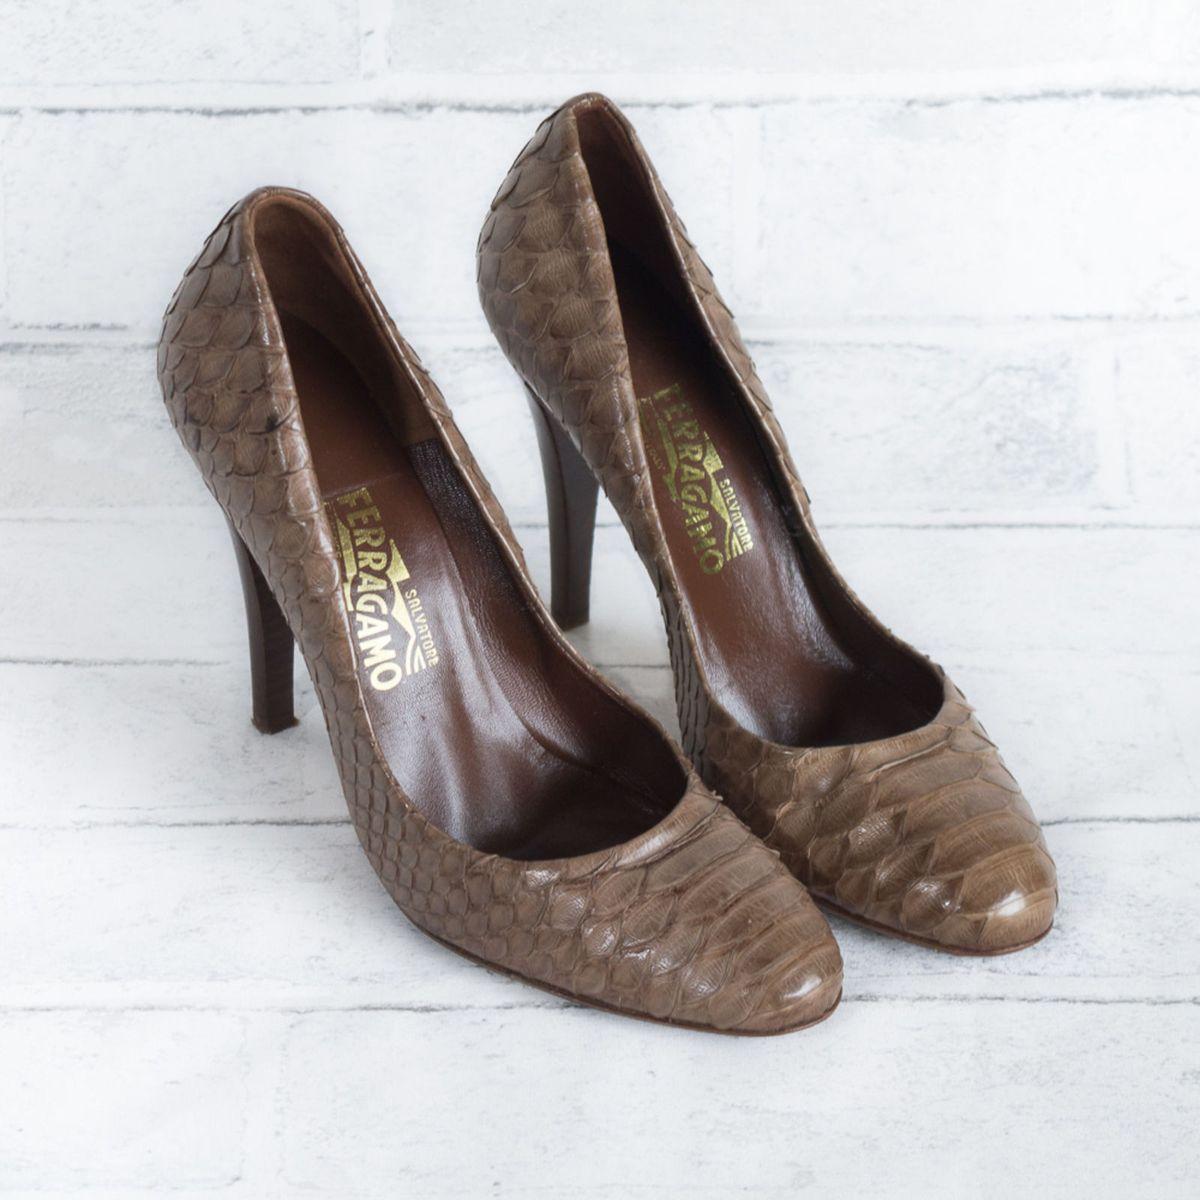 salvatore ferragamo sapato piton python italiano - sapatos salvatore  ferragamo 5deaa5815a